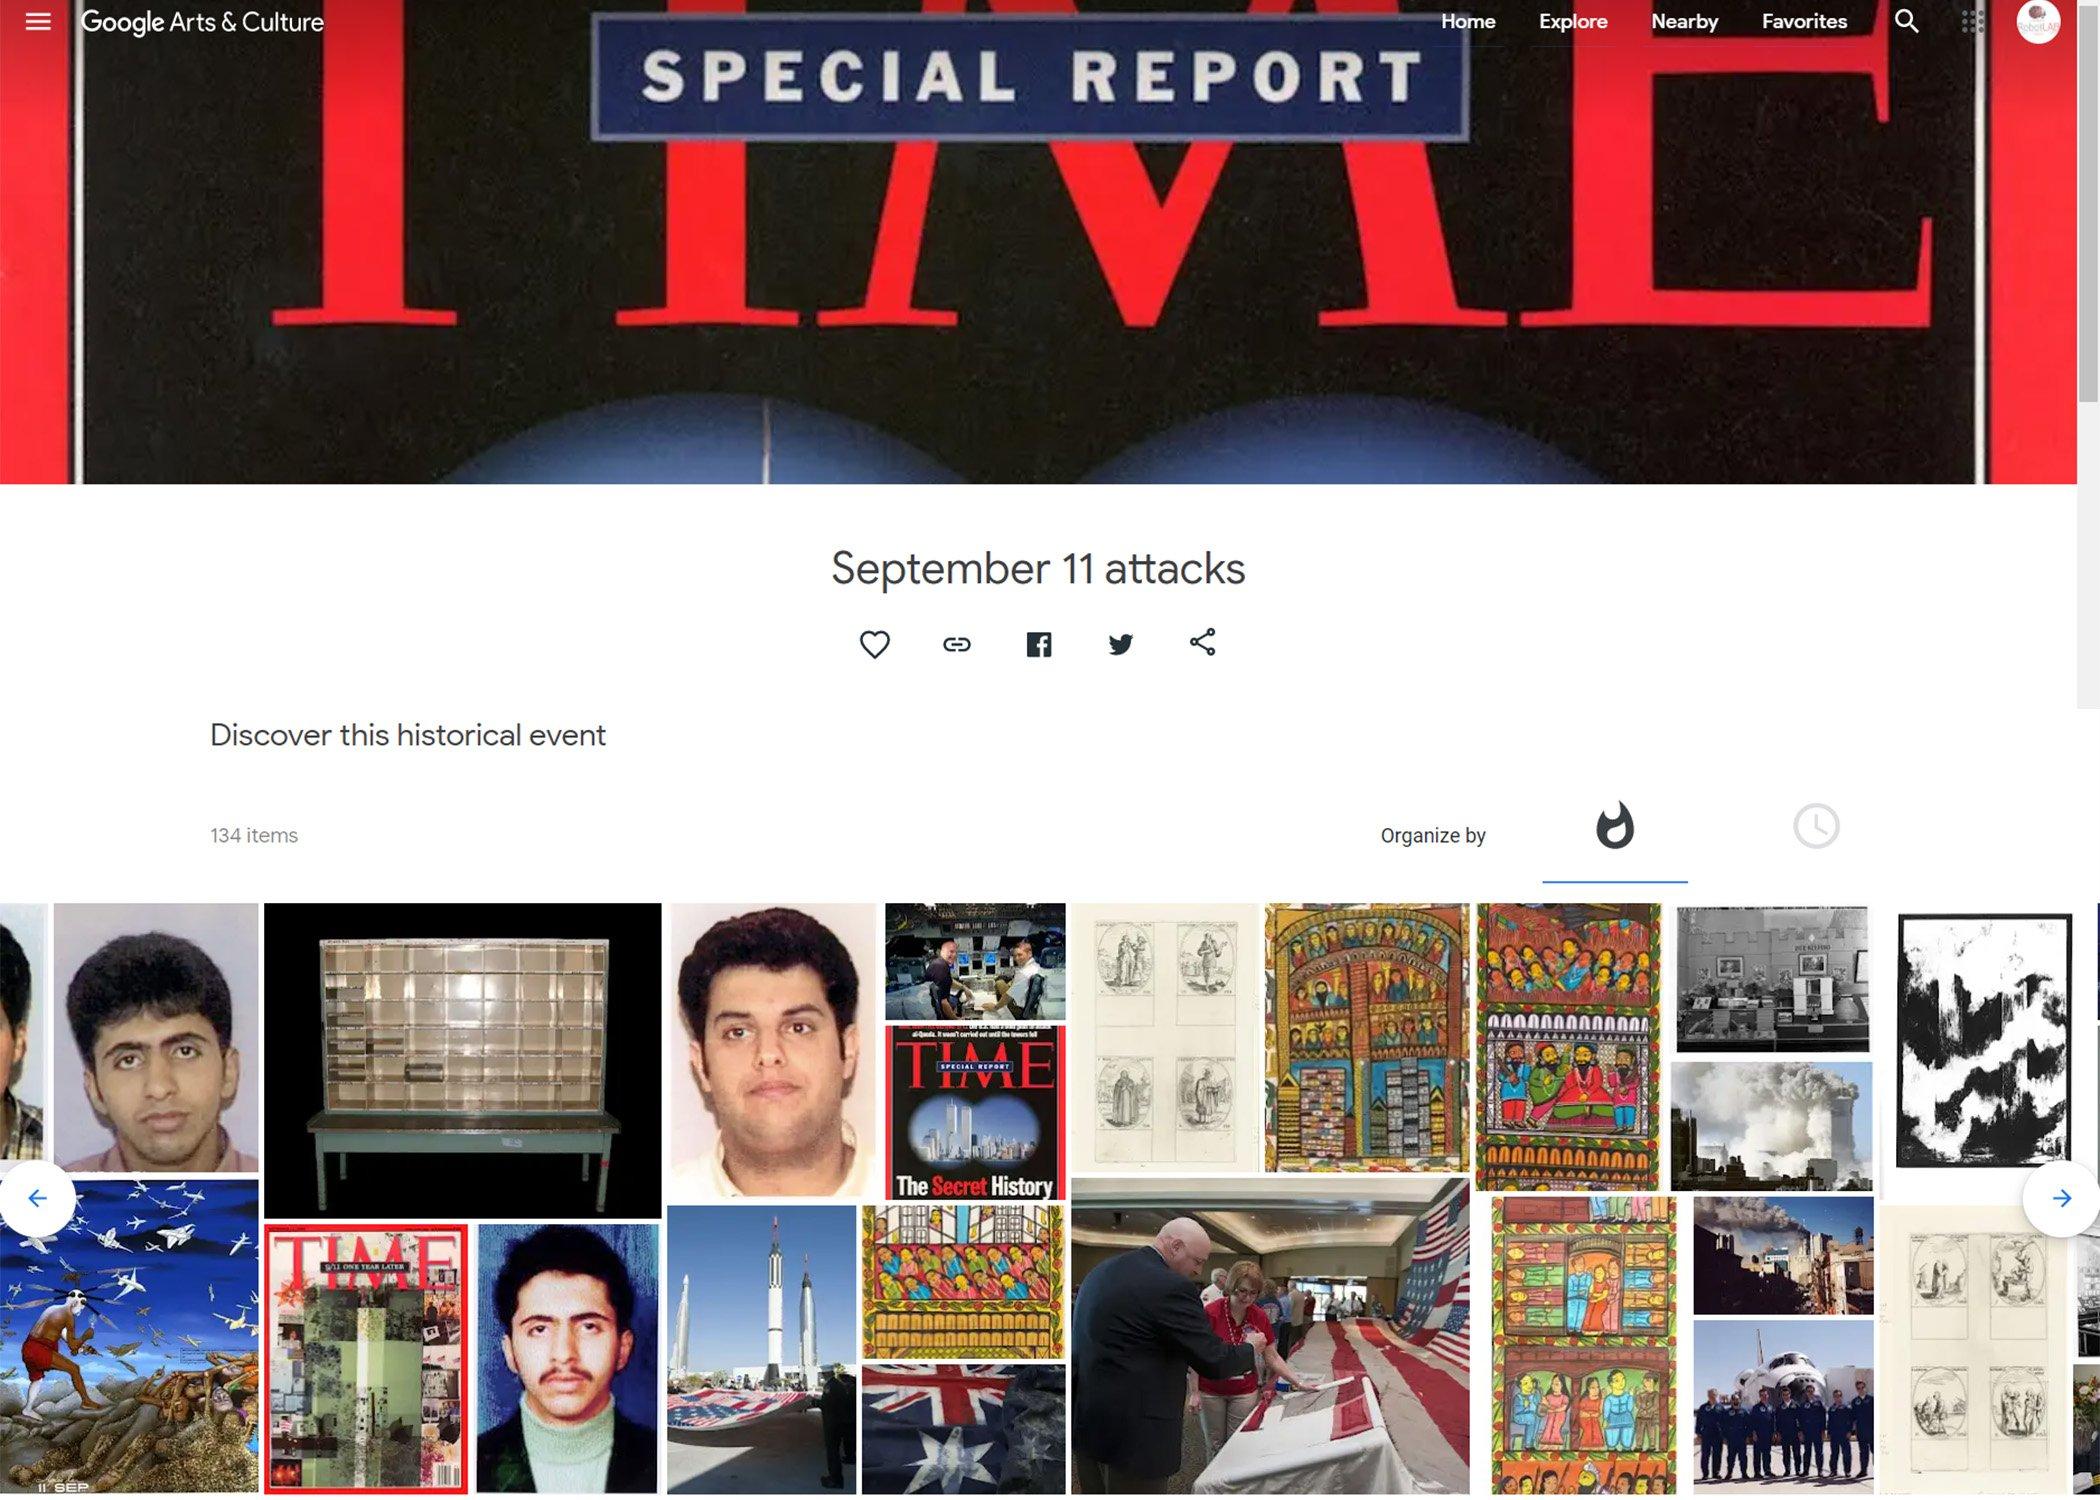 9-11 Google Arts & Culture